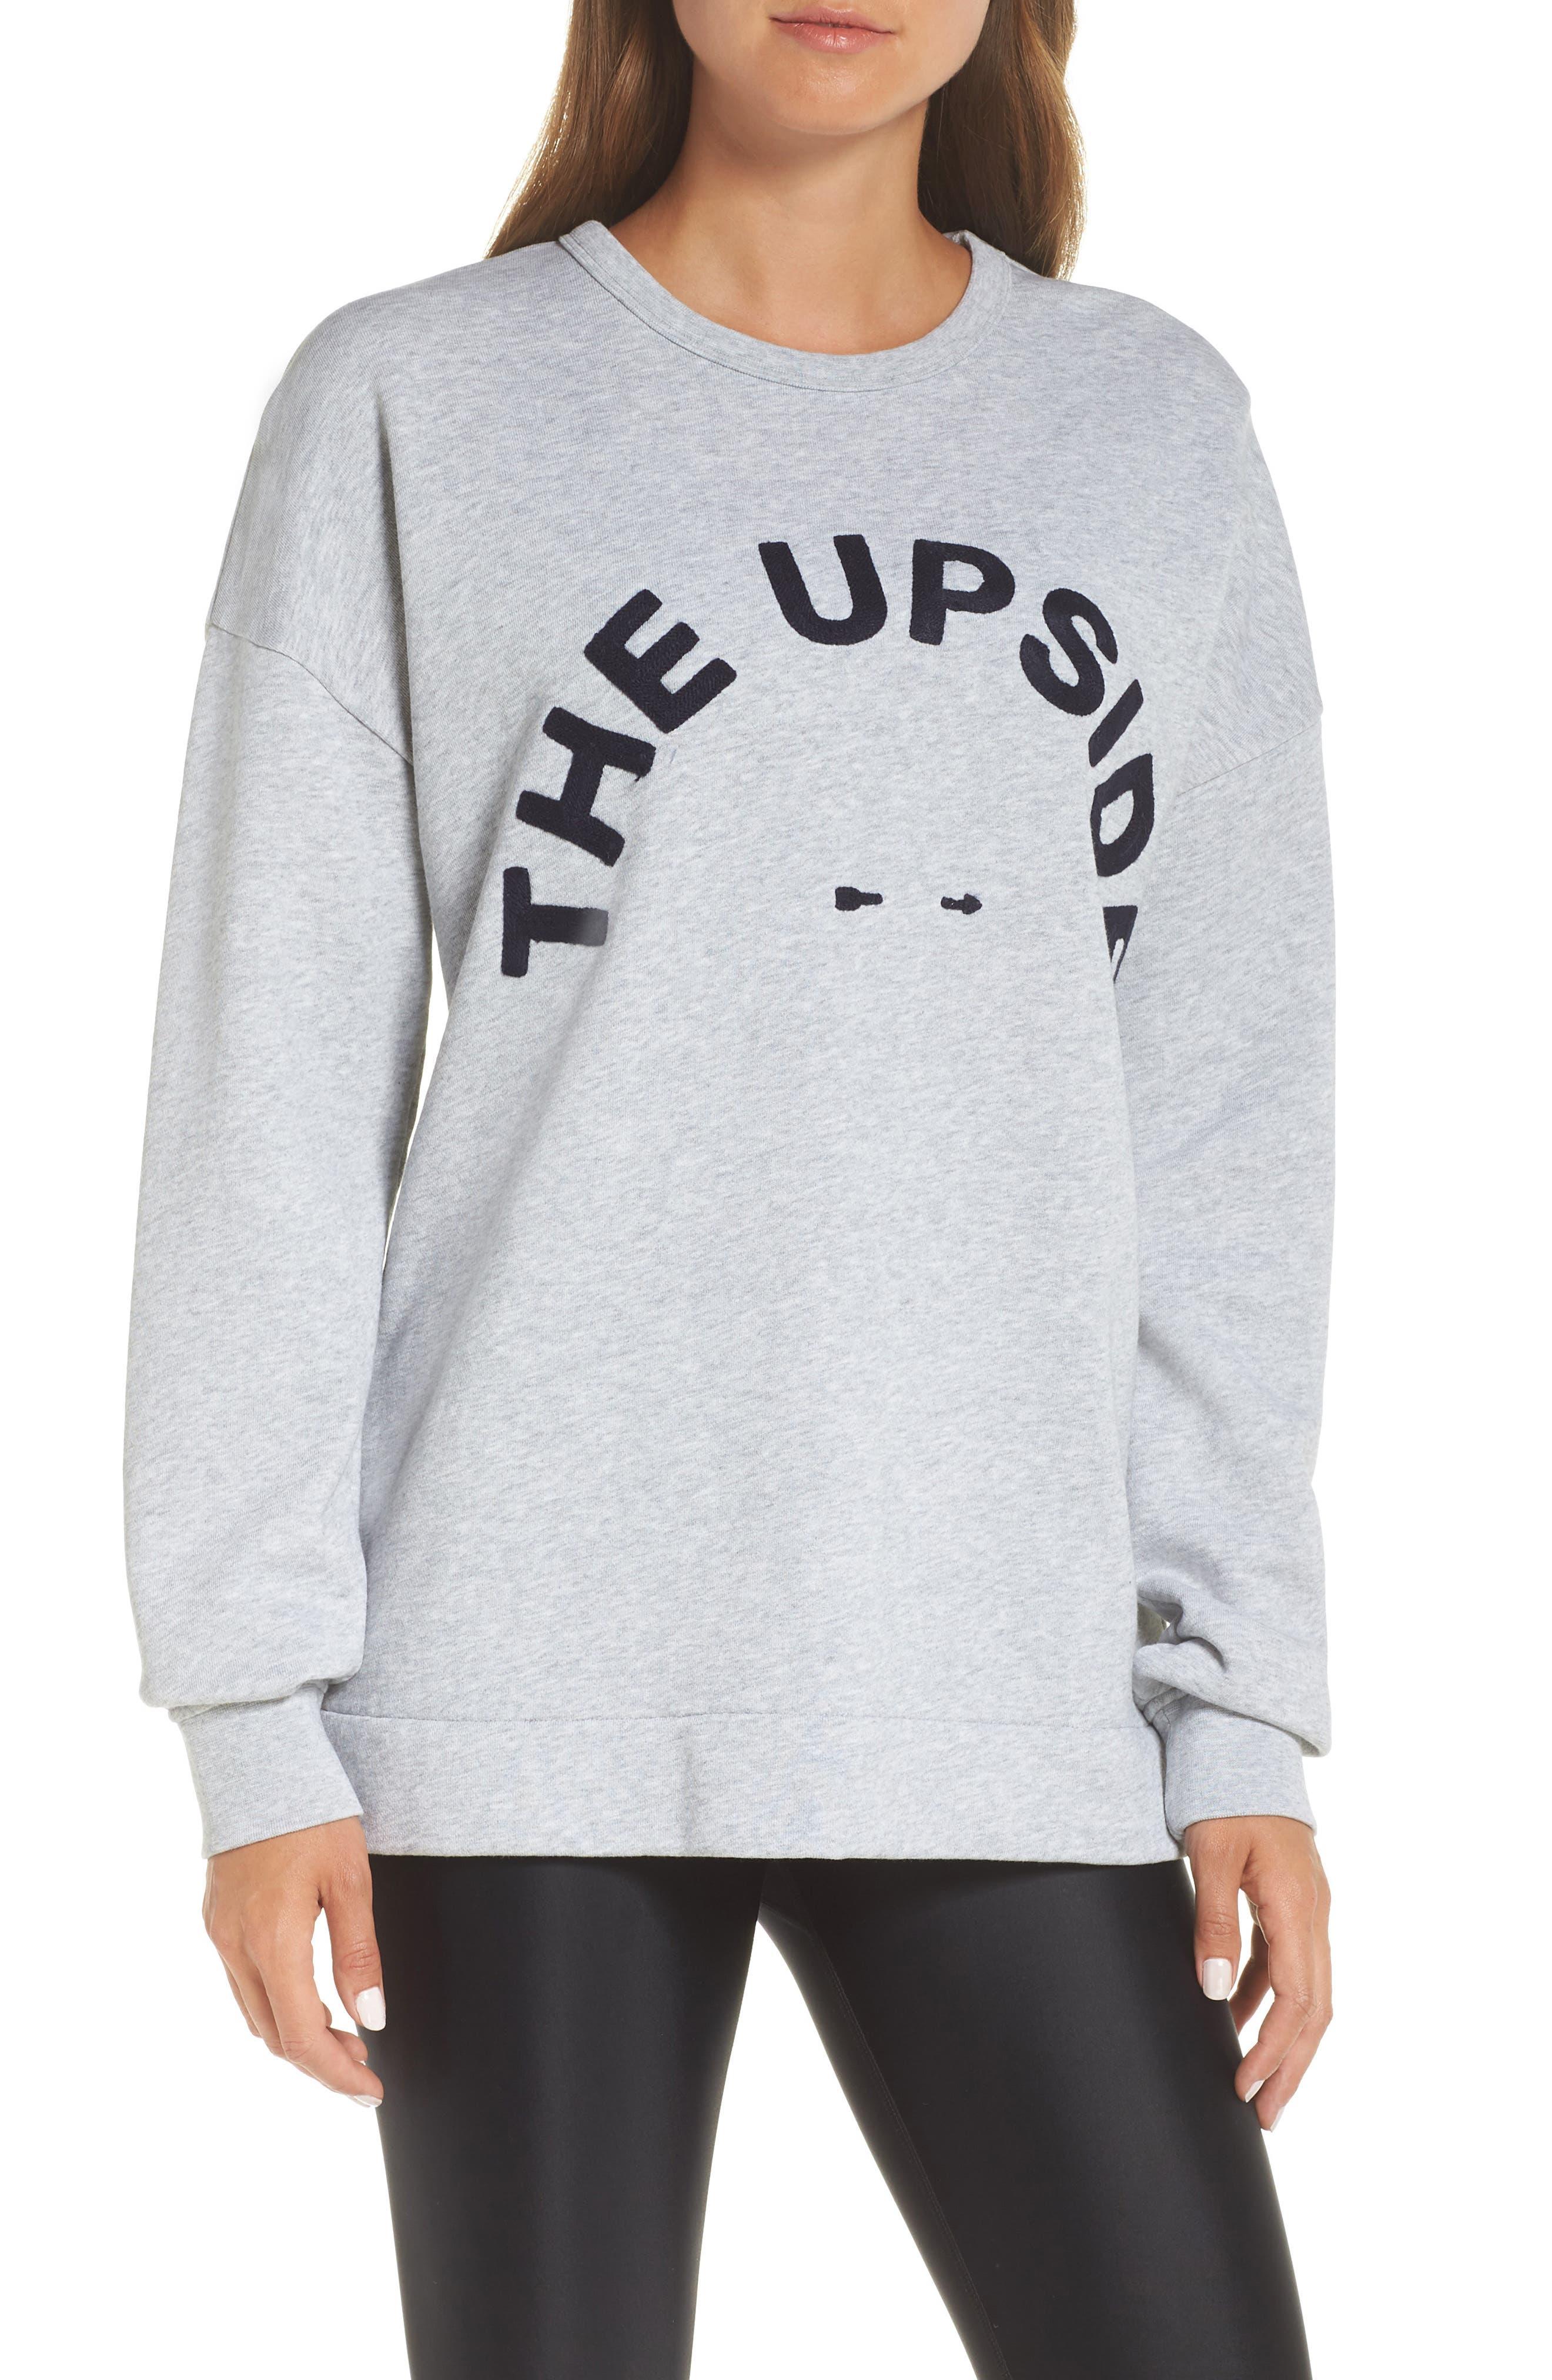 Club55 Cutout Back Sweatshirt,                             Main thumbnail 1, color,                             GREY MARLE